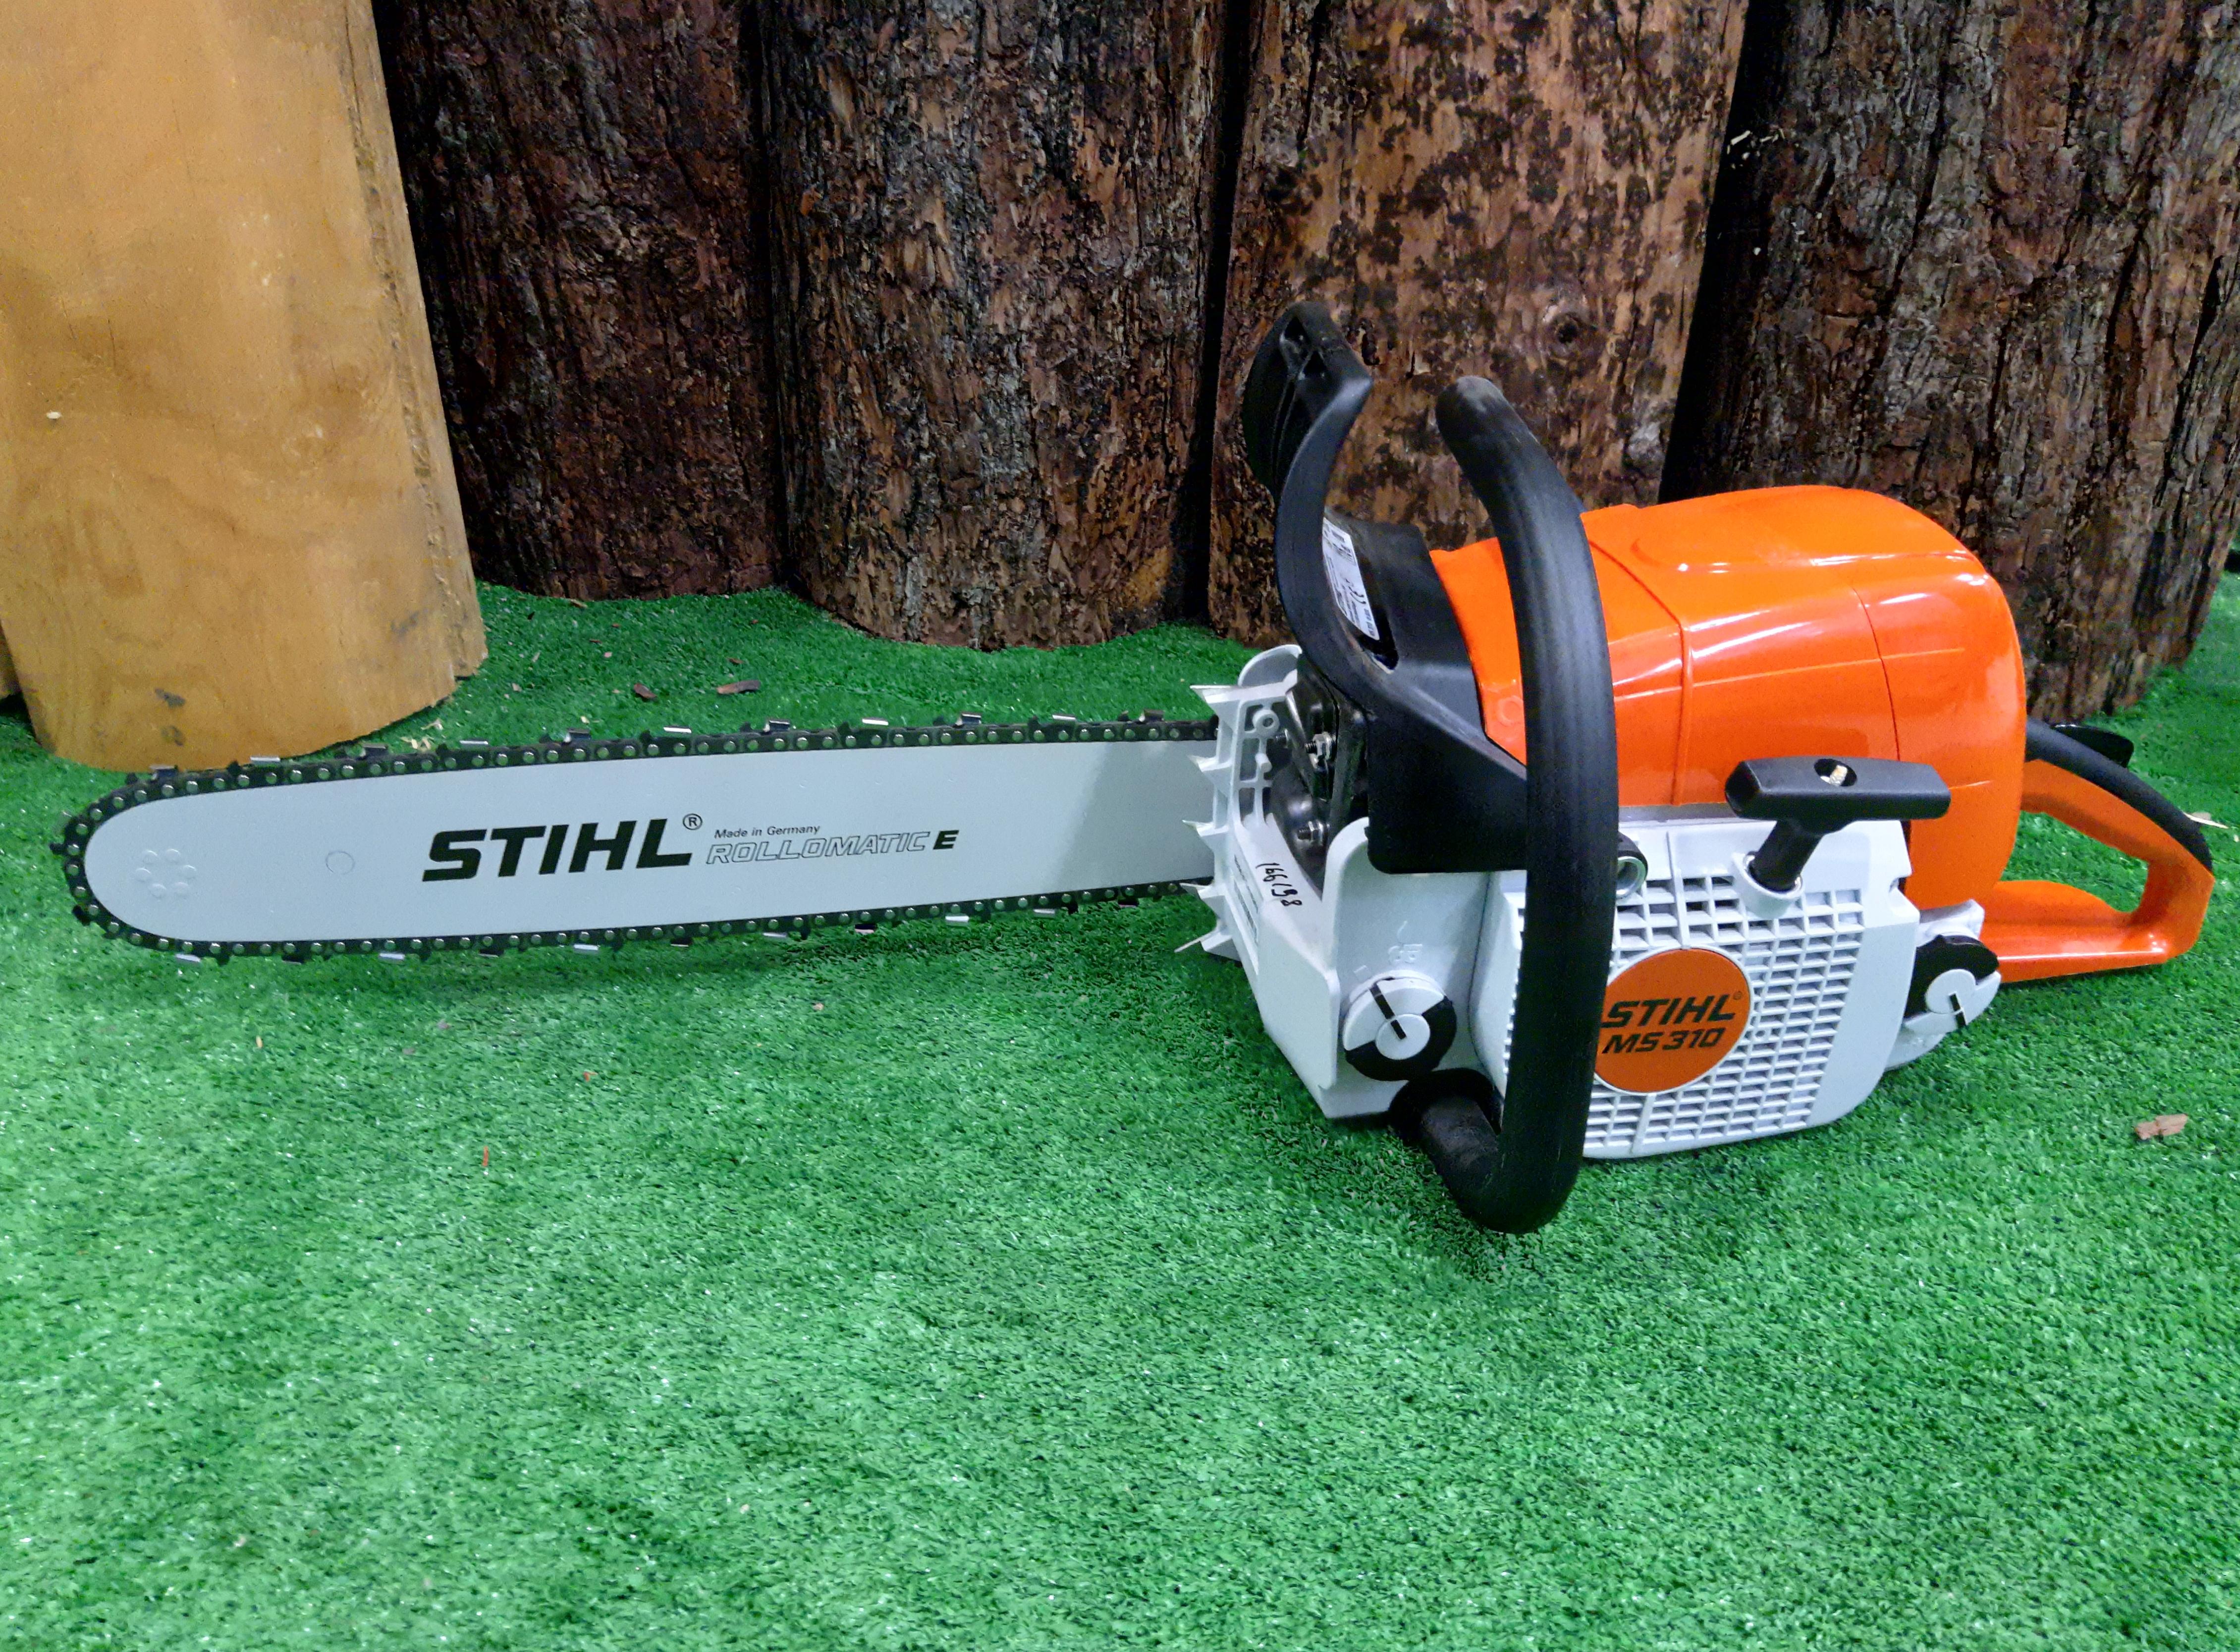 Бензопилы stihl - обзор моделей. правила безопасности и техника применения инструмента